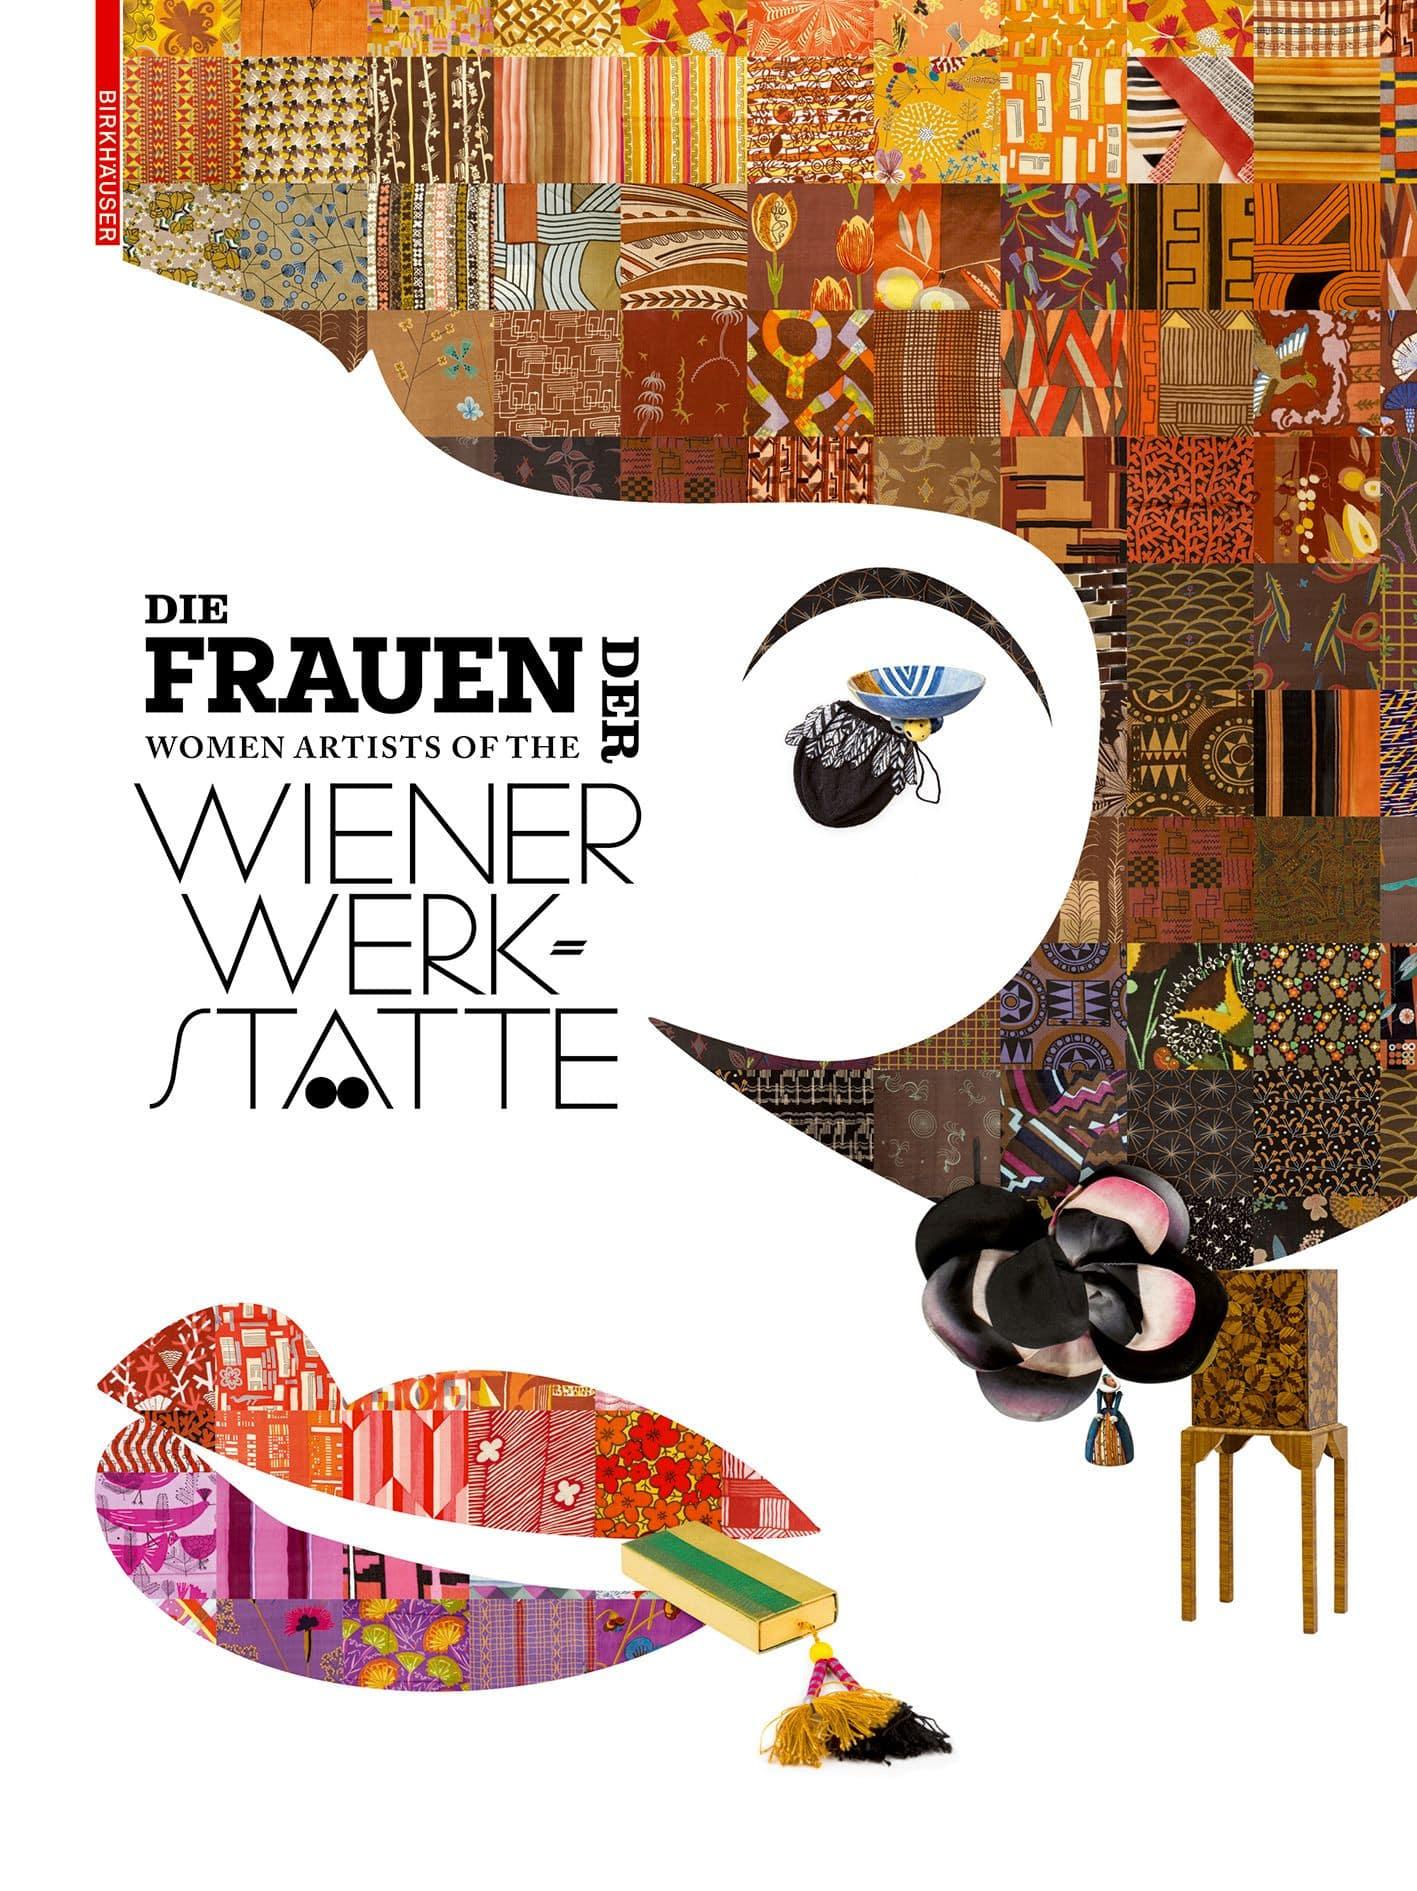 Frauen der Wiener Werkstätte, Cover